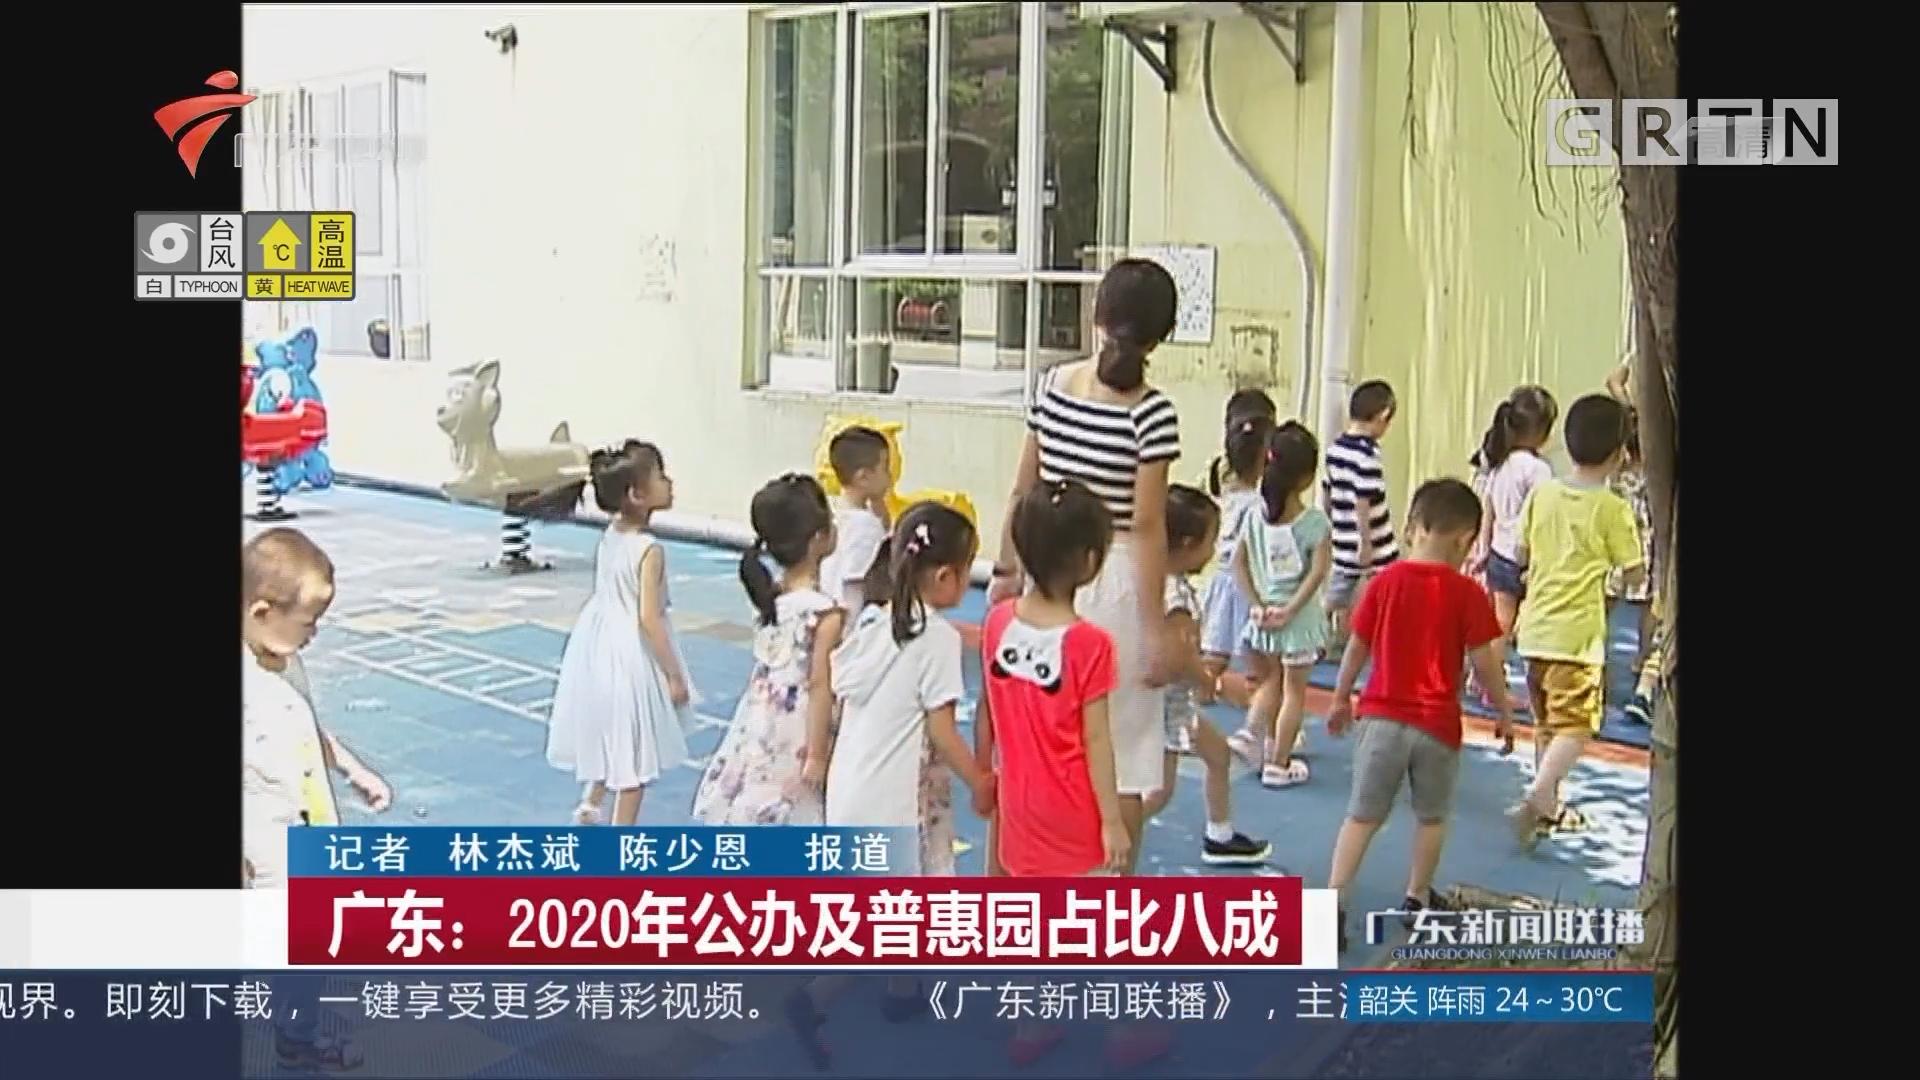 广东:2020年公办及普惠园占比八成